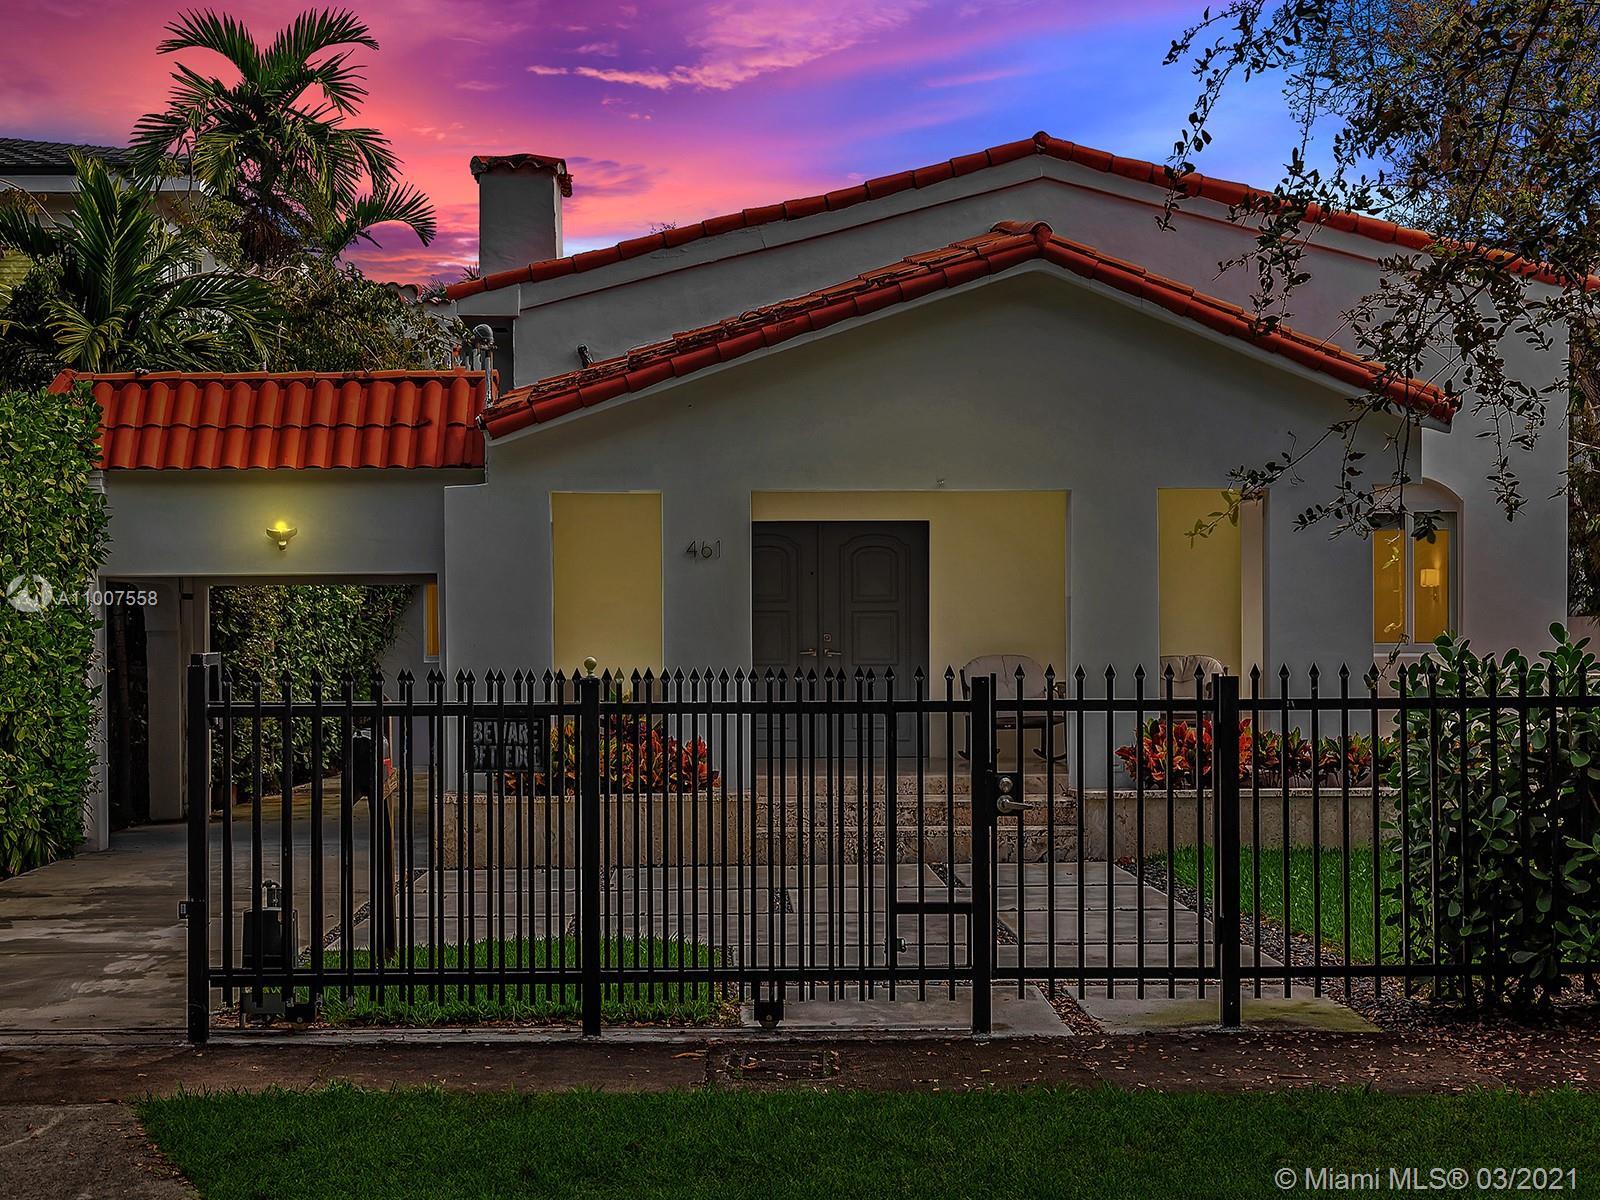 Holleman Park - 461 SW 22nd Rd, Miami, FL 33129